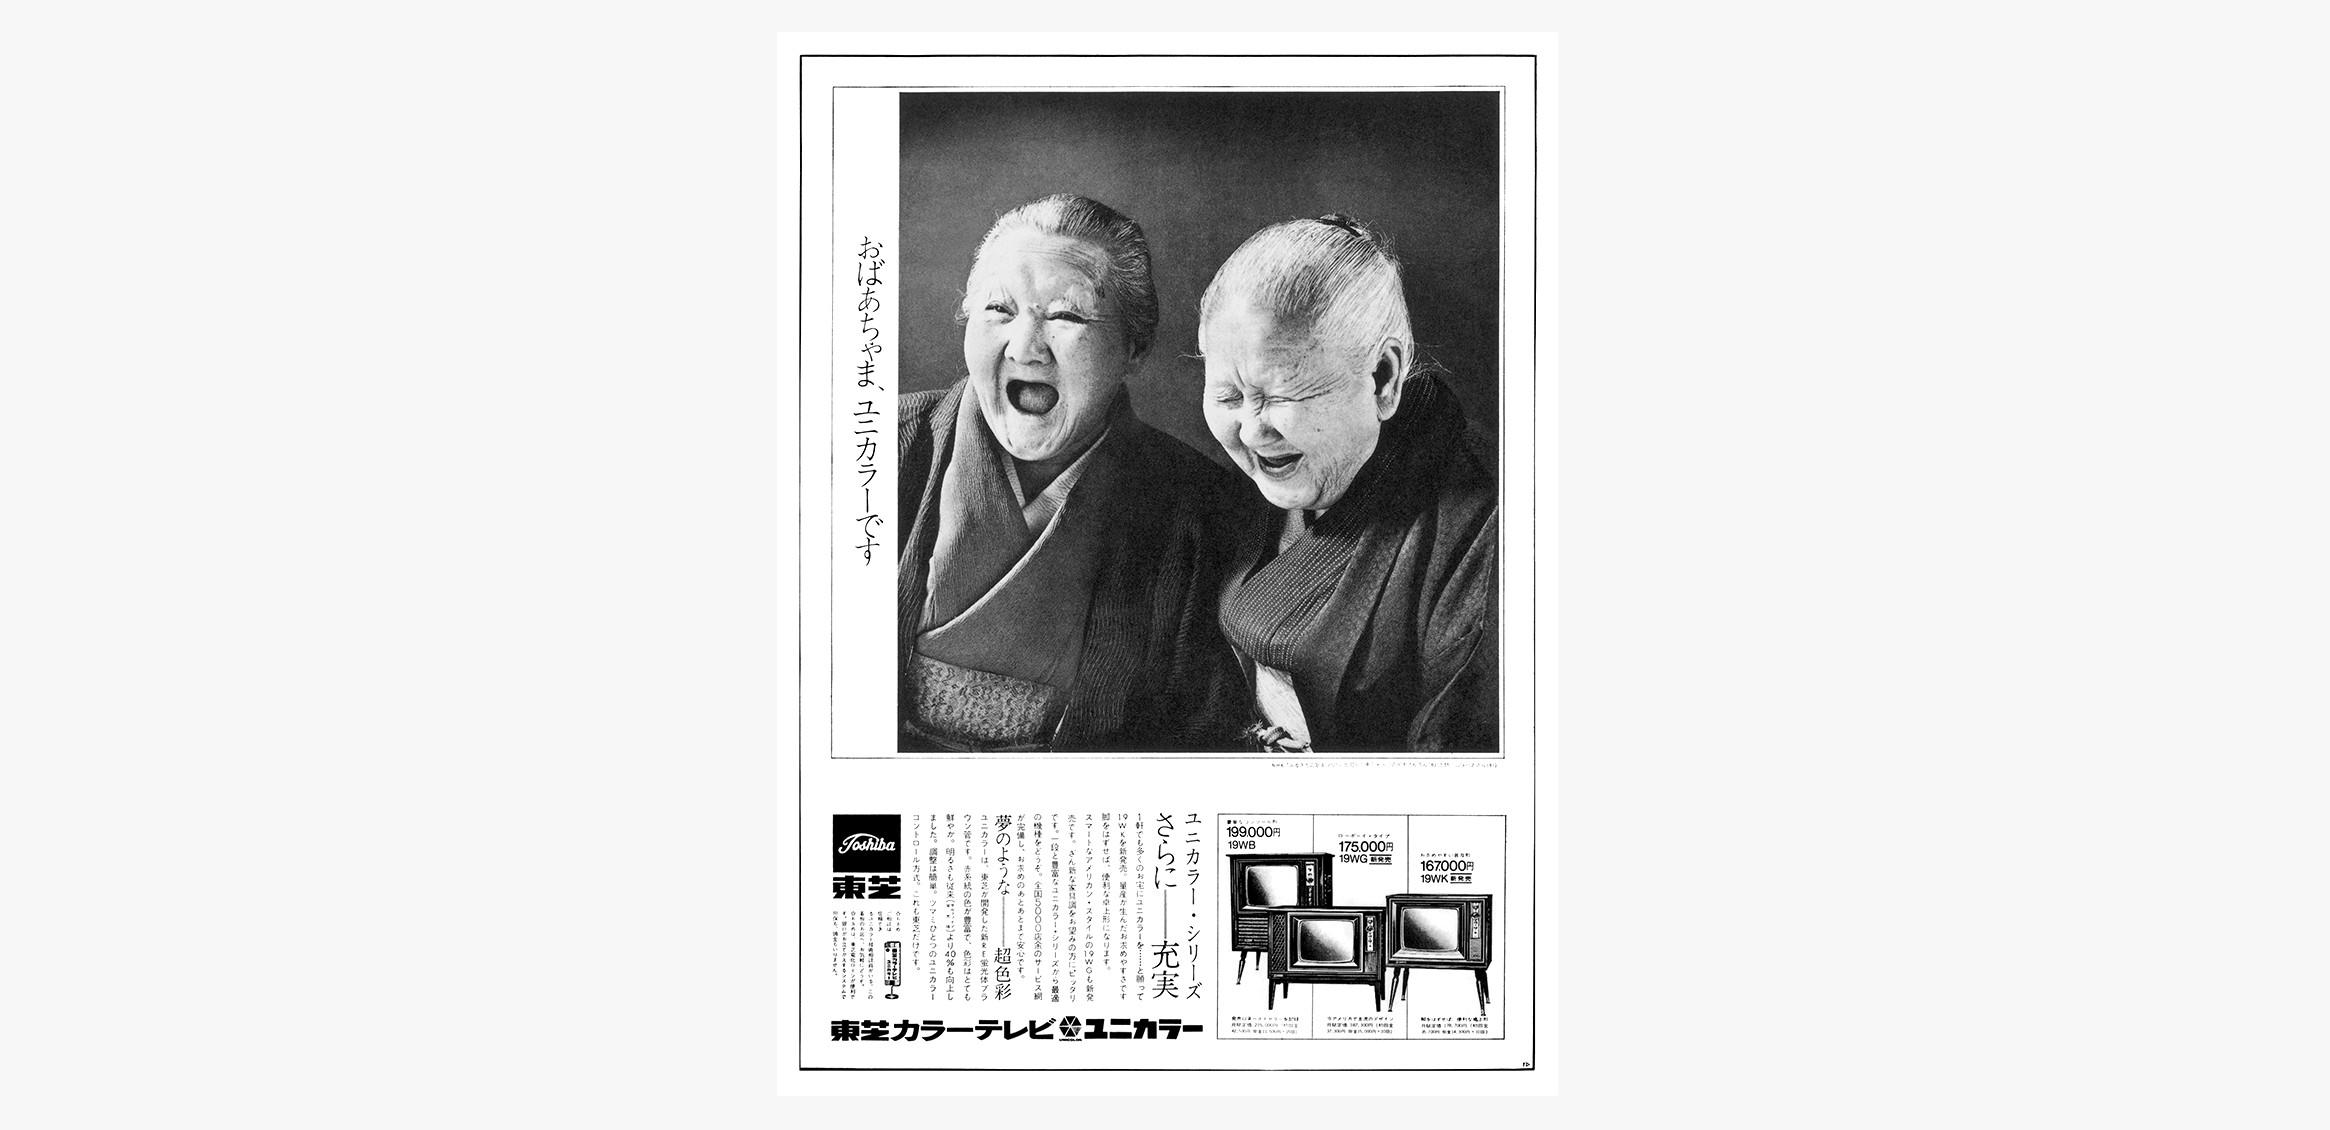 東芝 企業広告3枚目